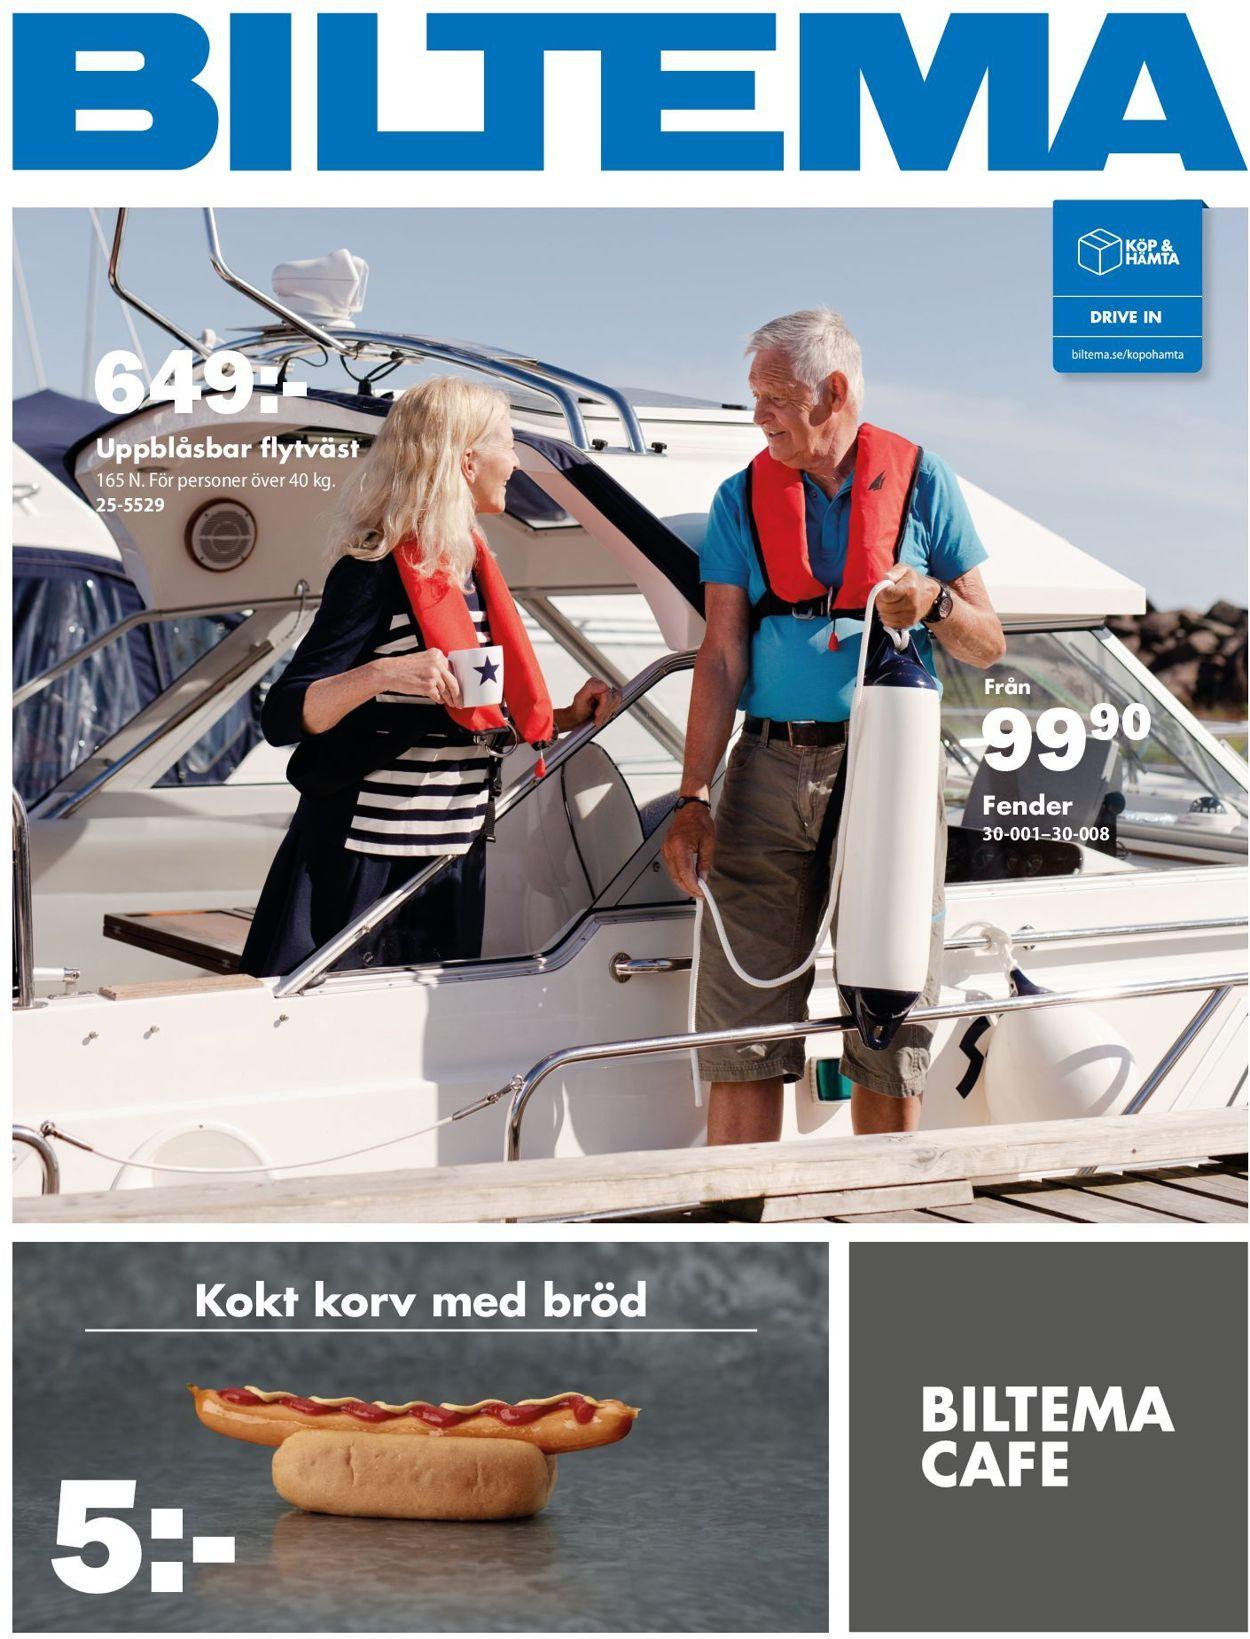 Reklamblad Biltema från 29/06-2020